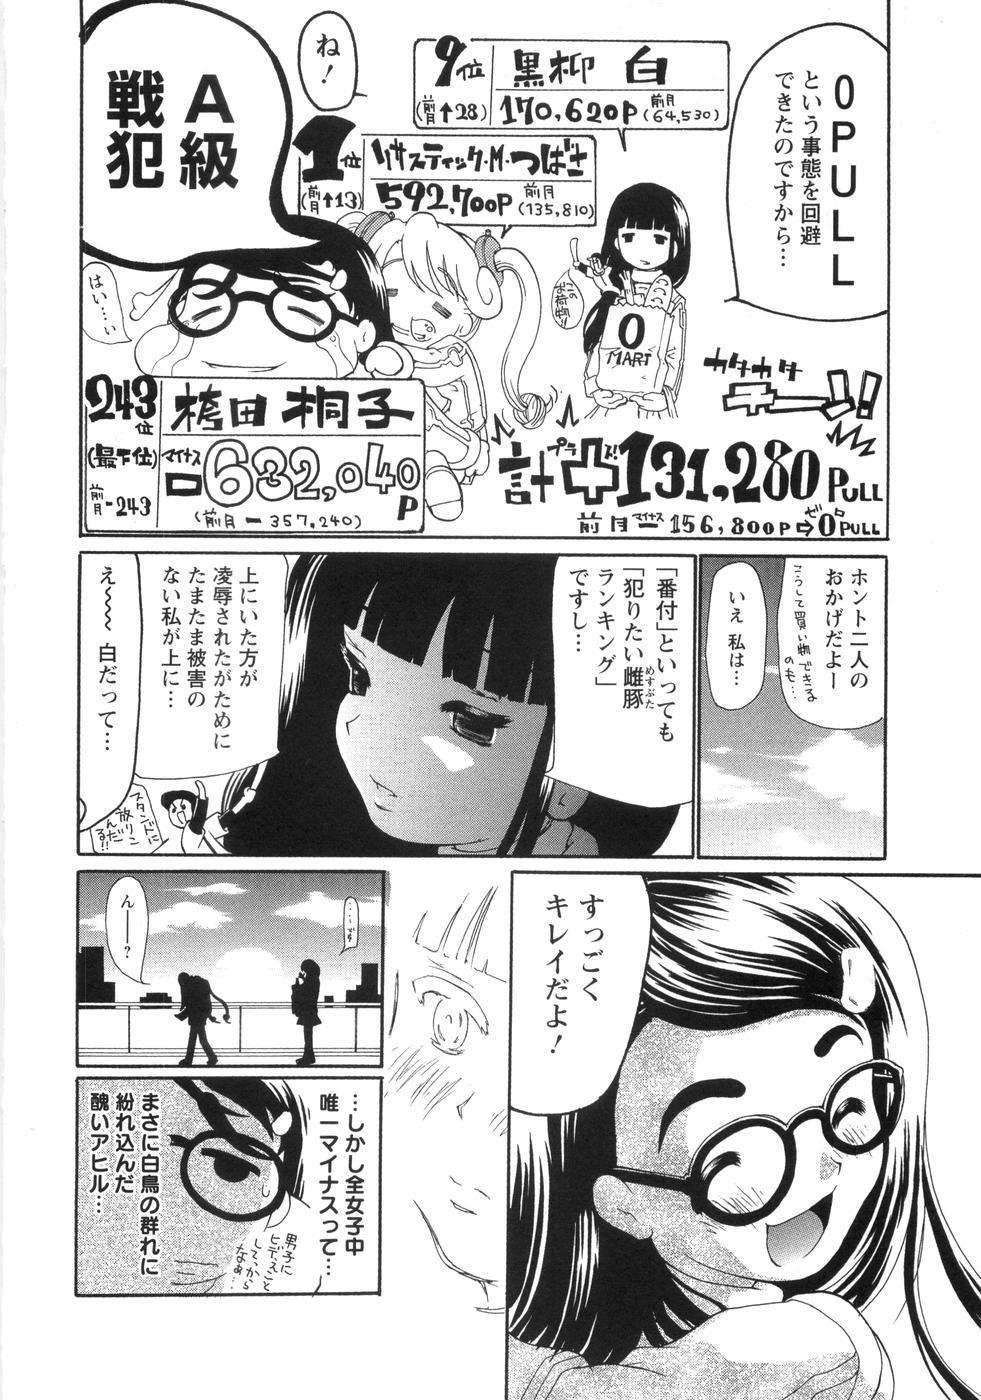 0 PULL TOWN Gakuen e Youkoso! 80